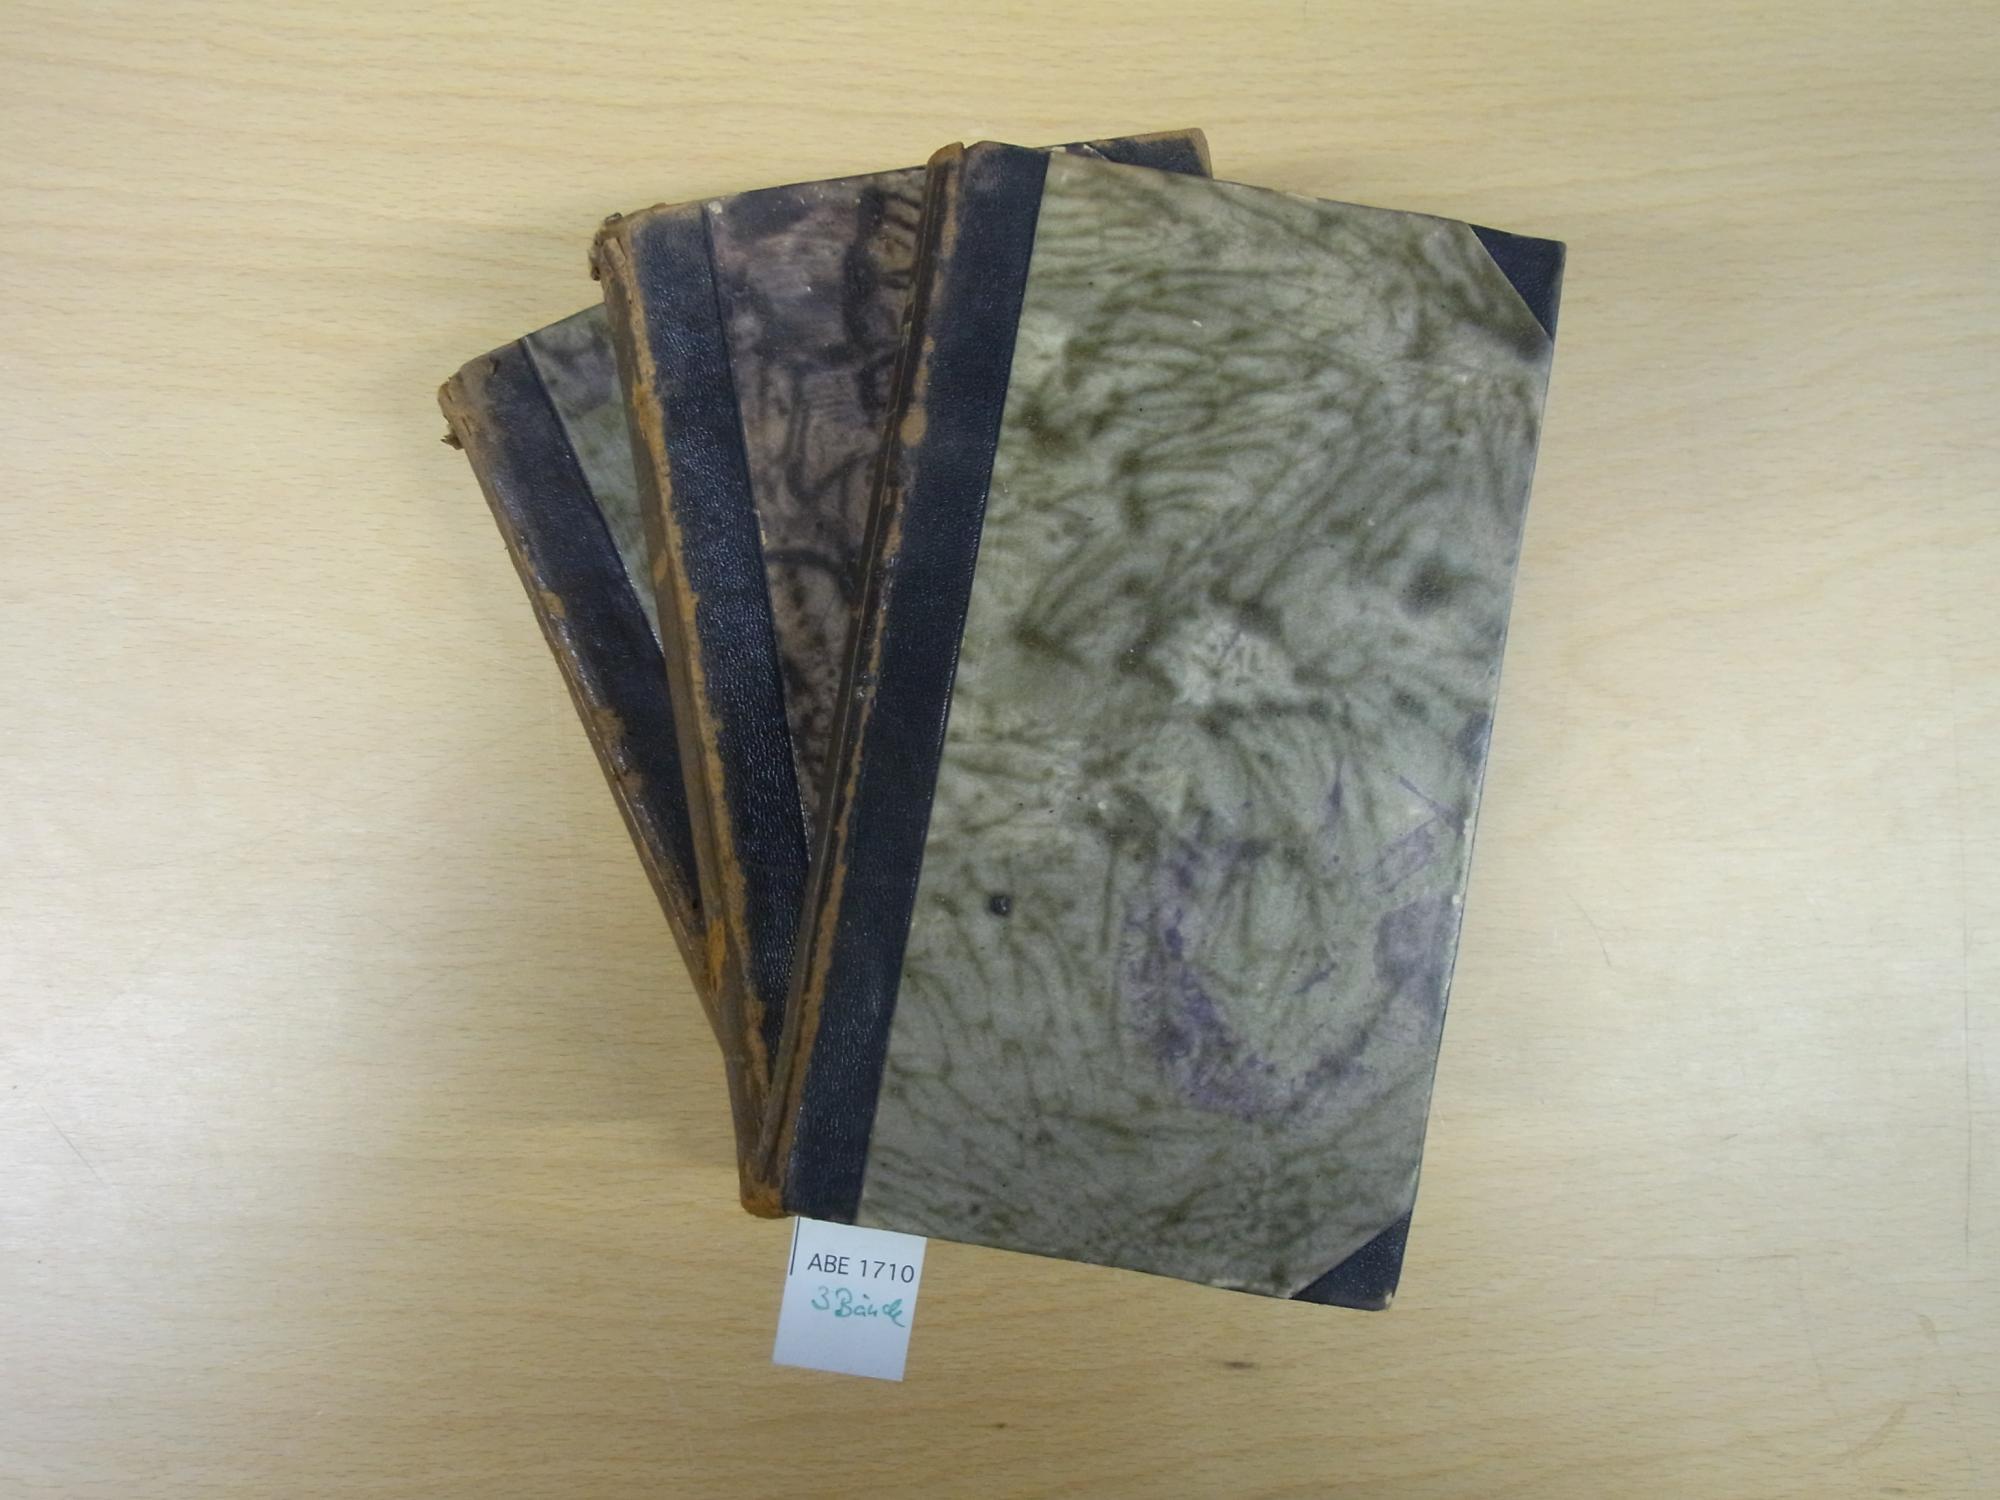 Geschichte der europäischen Staaten. Geschichte von Spanien.: Lembke, Friedrich Wilhelm